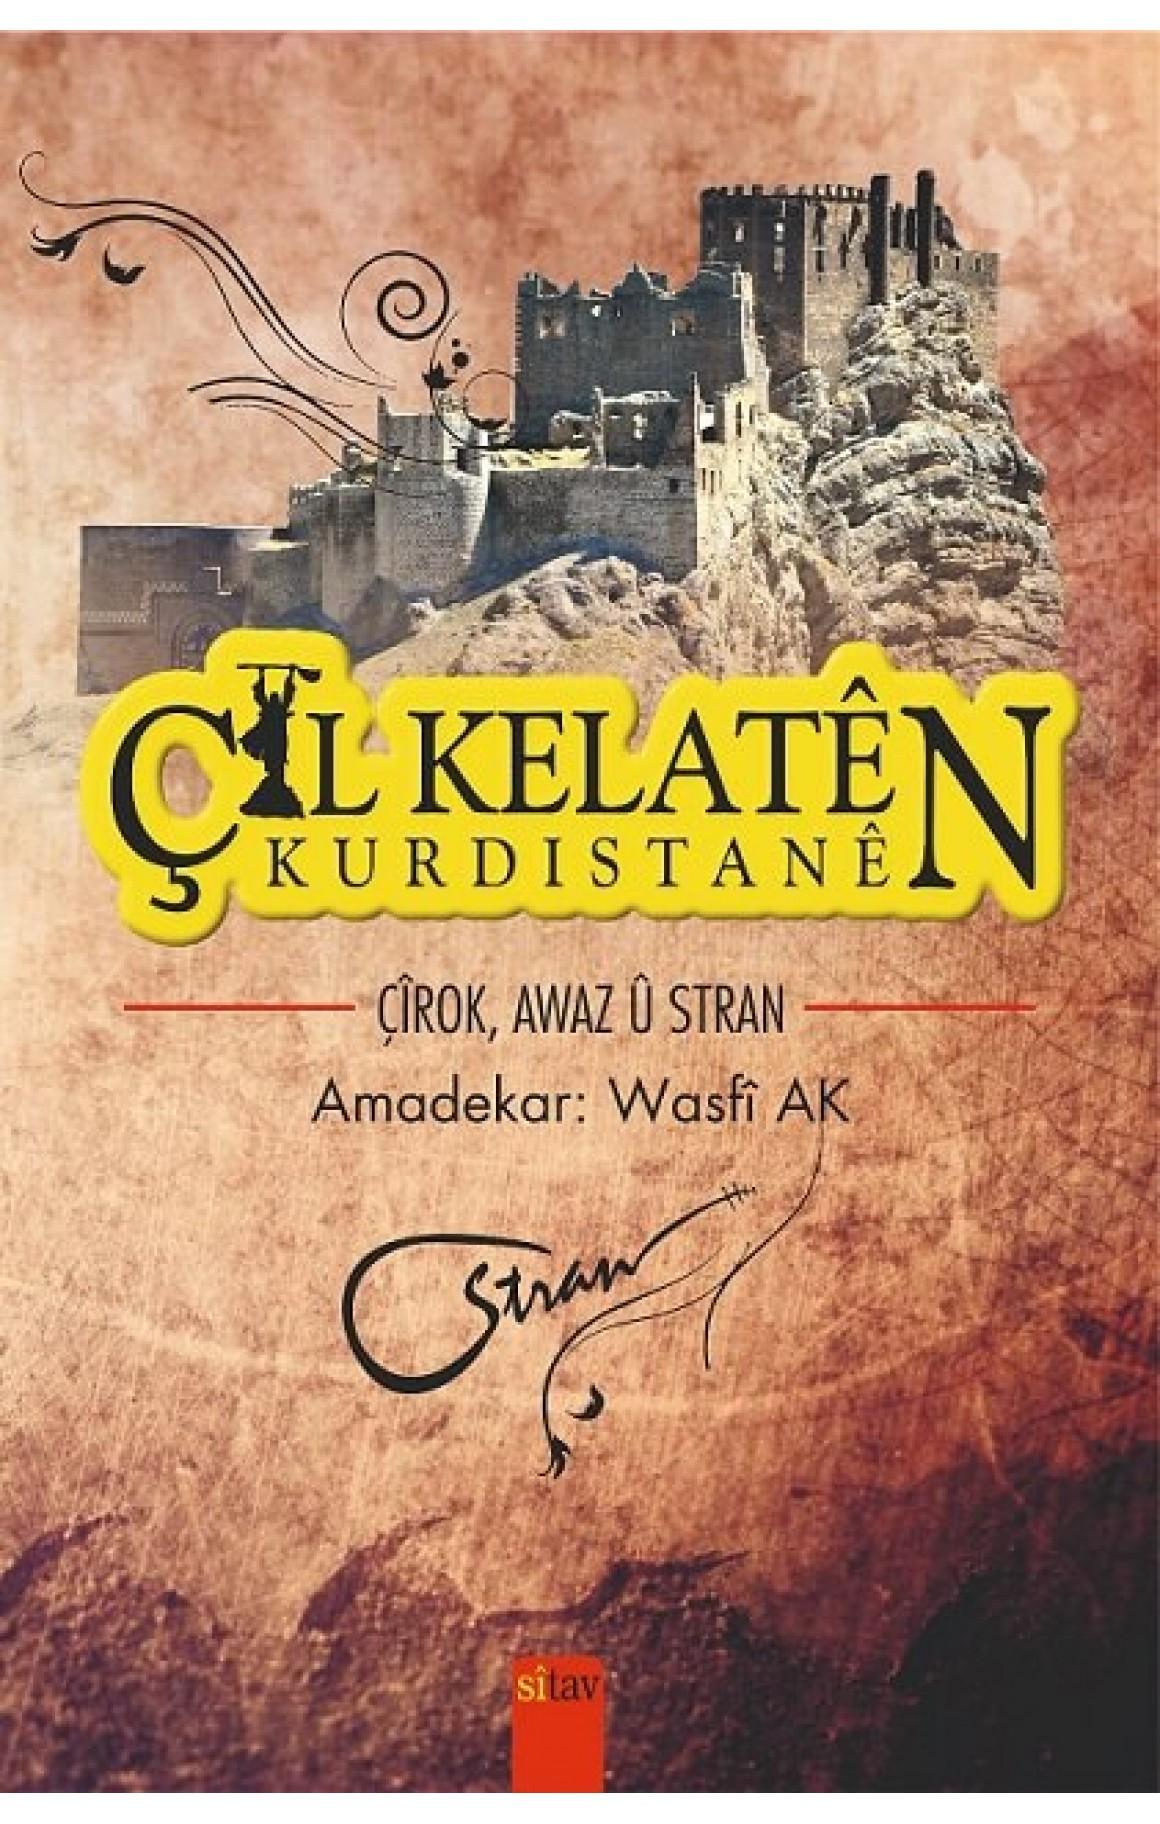 Çil Kelatên Kurdistanê - Çîrok, Stran, Awaz (Bi CD)